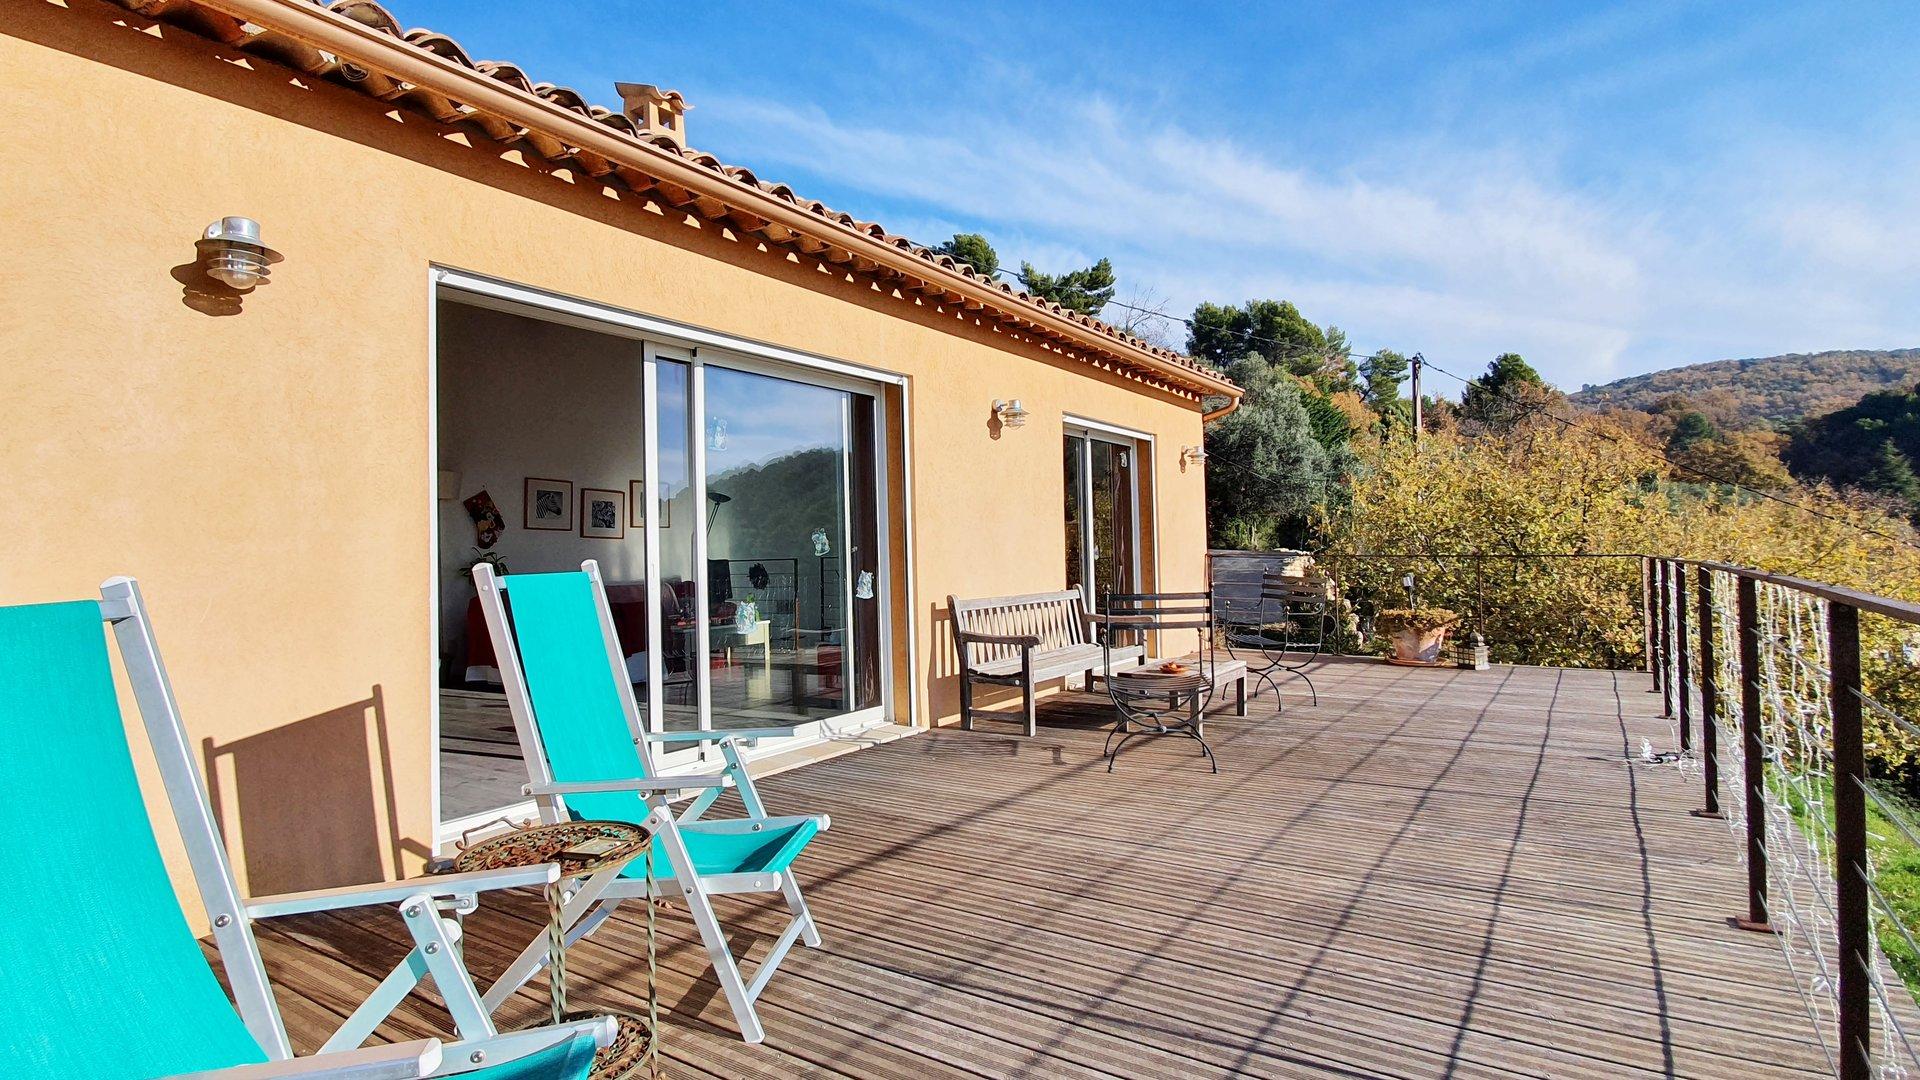 Seillans: modern house with stunning views